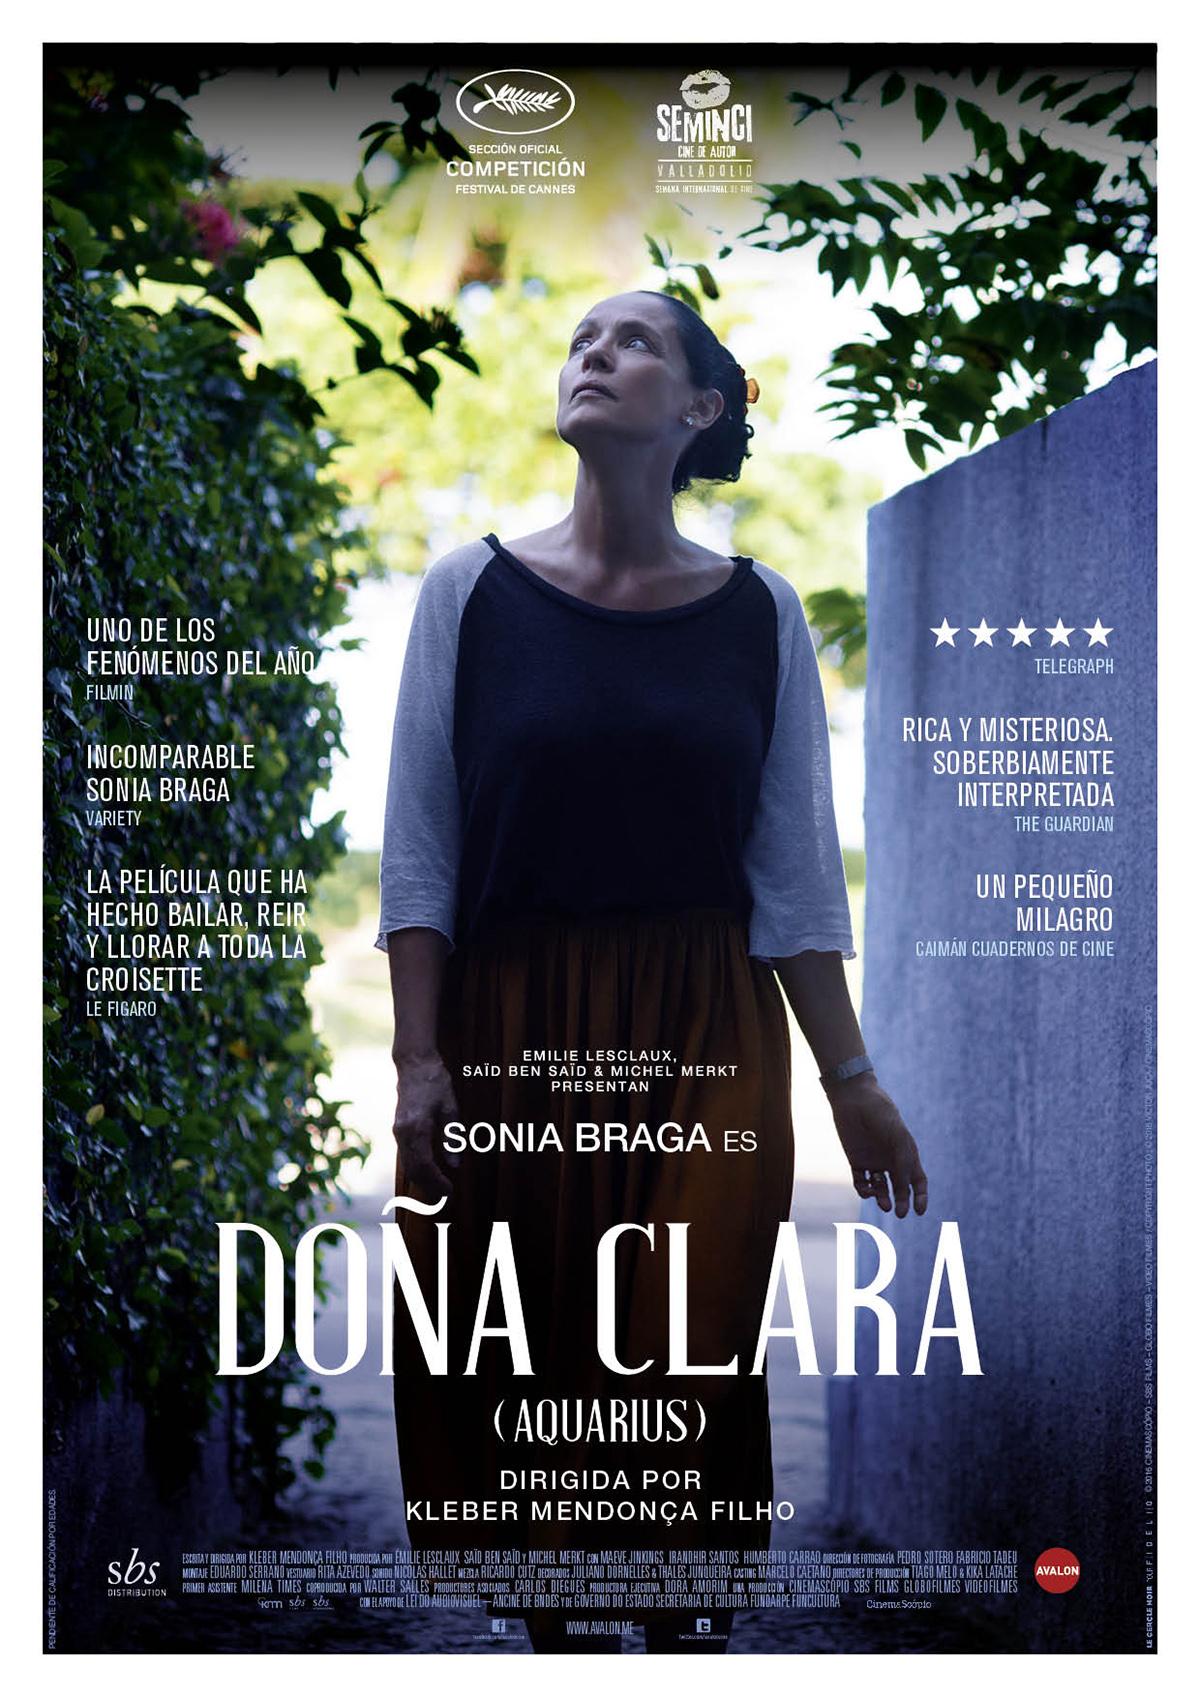 Doña Clara (Aquarius) - Película 2016 - SensaCine.com